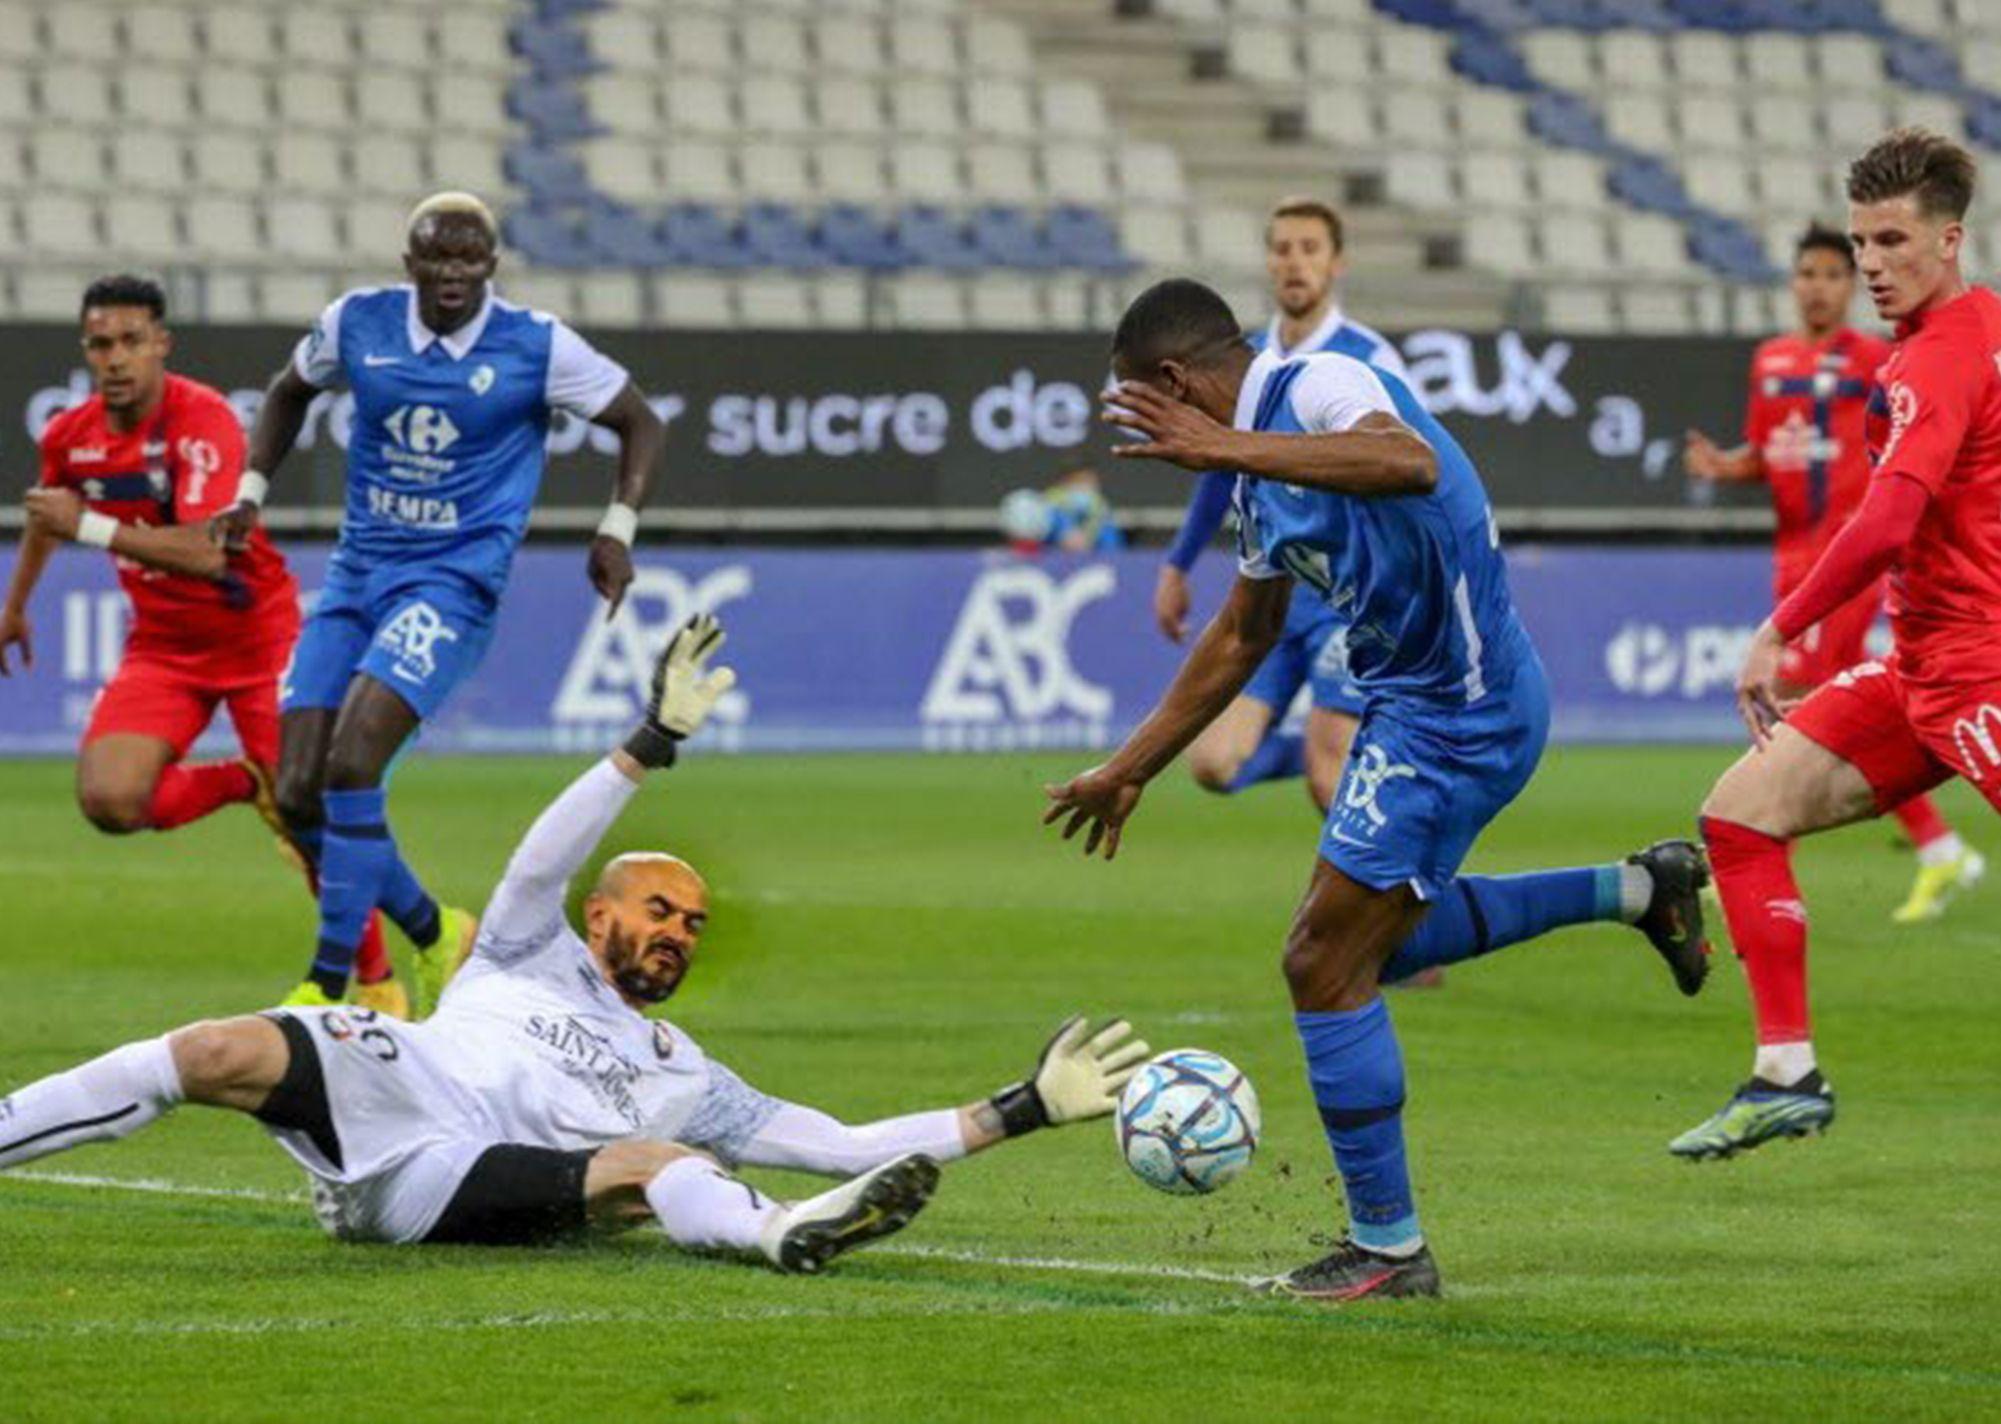 Les notes des joueurs caennais après la défaite sur la pelouse de Grenoble (3-1)